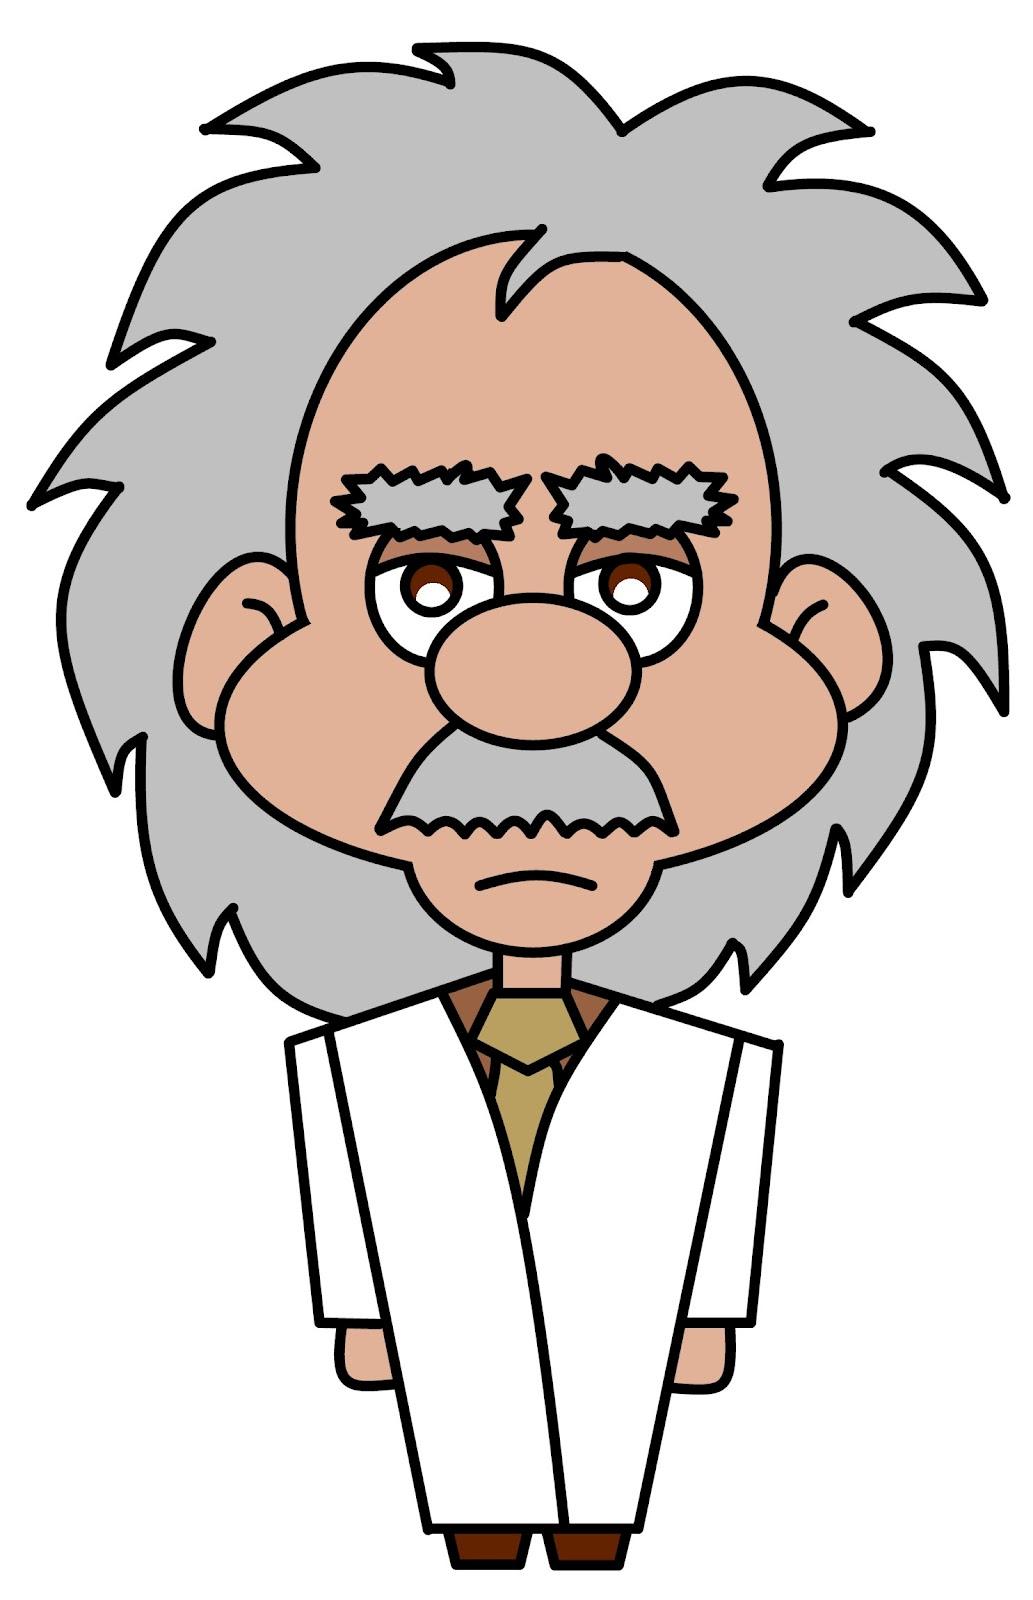 Einstein Clip Art - clipartall ...-Einstein Clip Art - clipartall ...-3